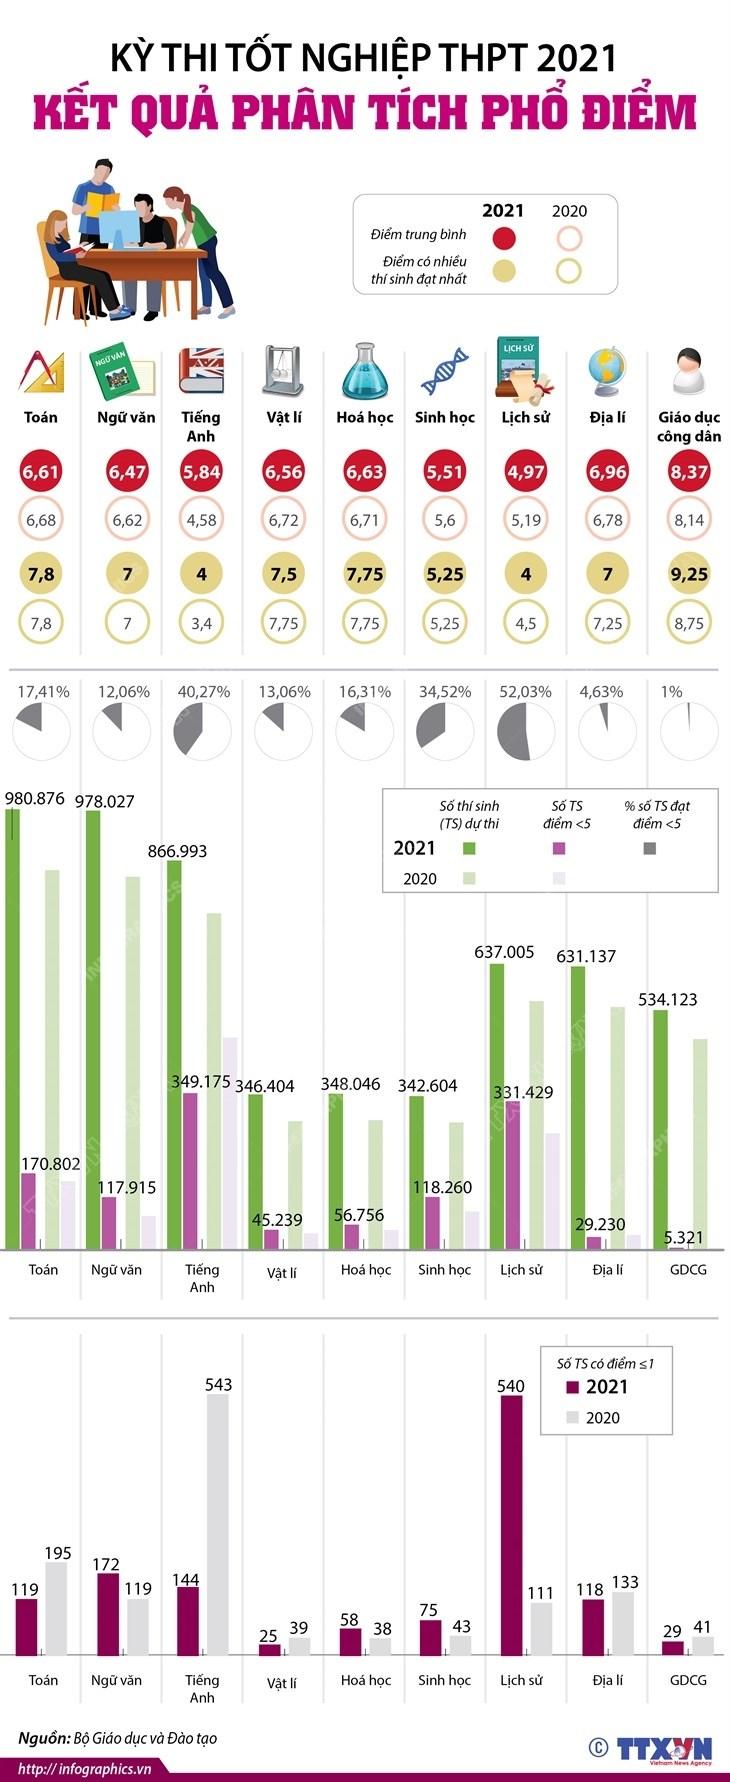 [Infographics] Ket qua phan tich pho diem ky thi tot nghiep THPT 2021 hinh anh 1